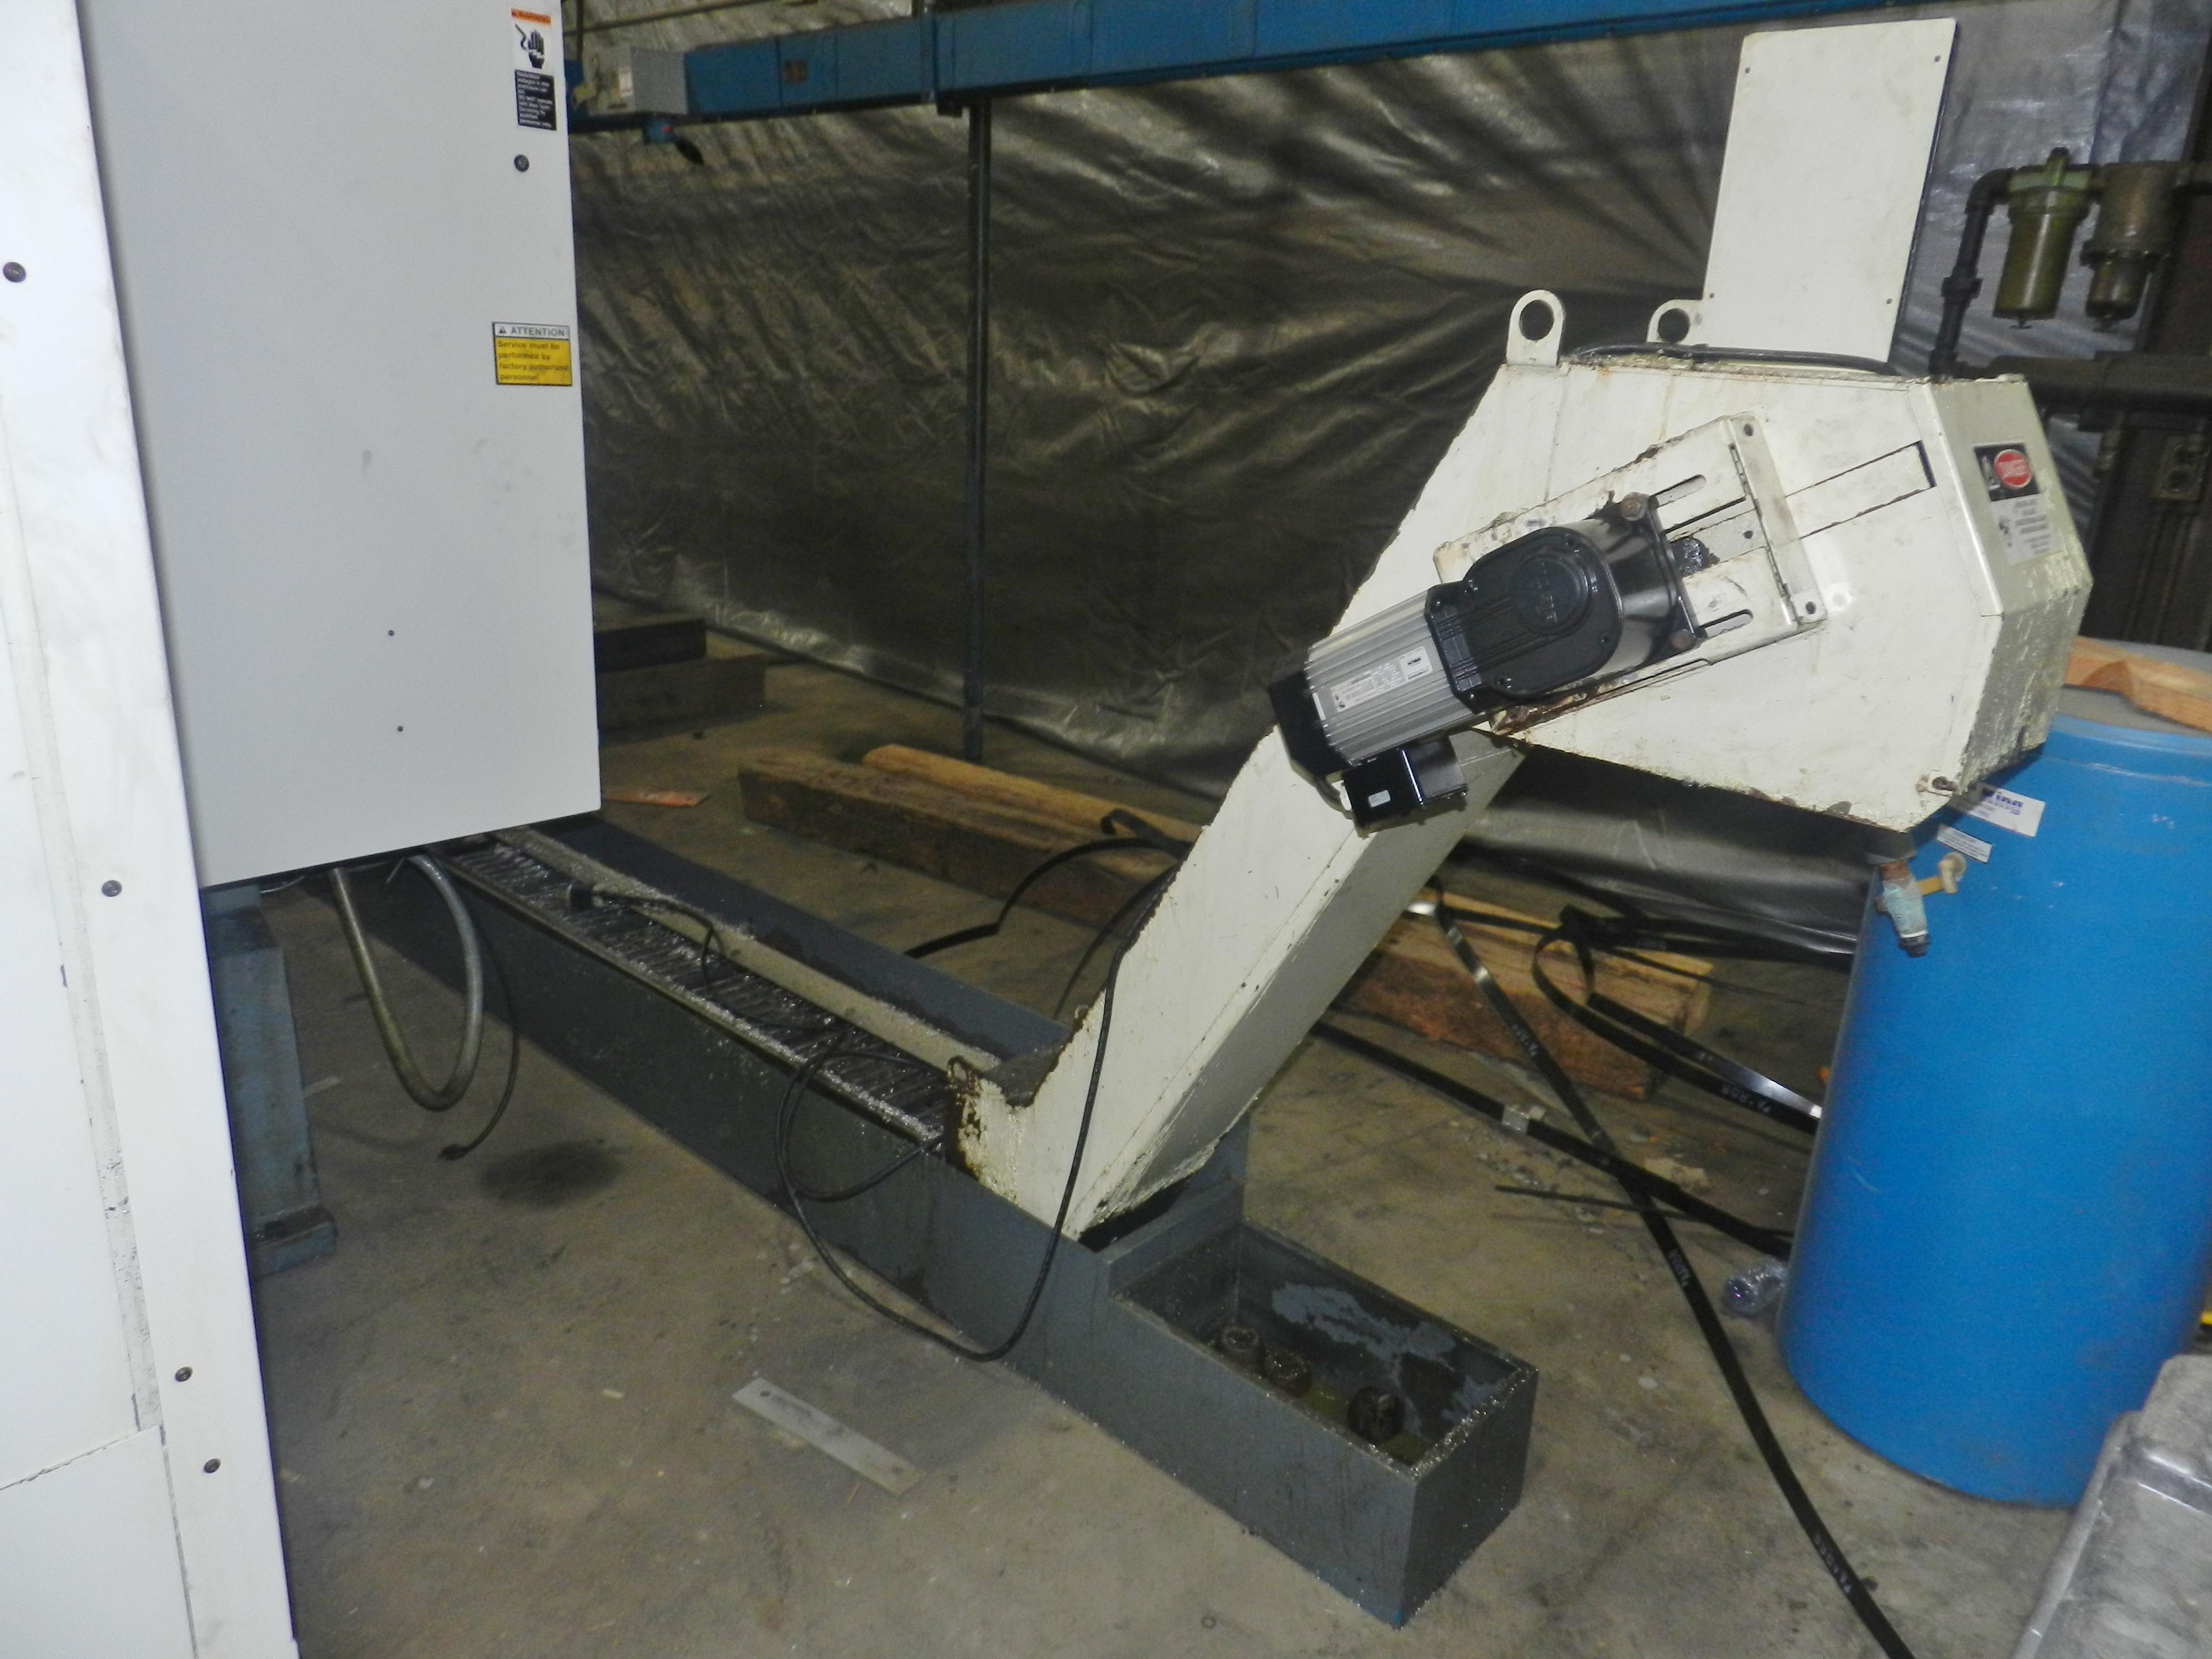 Lot 30 - Fadal VMC 4020HT CNC Vertical Machining Center